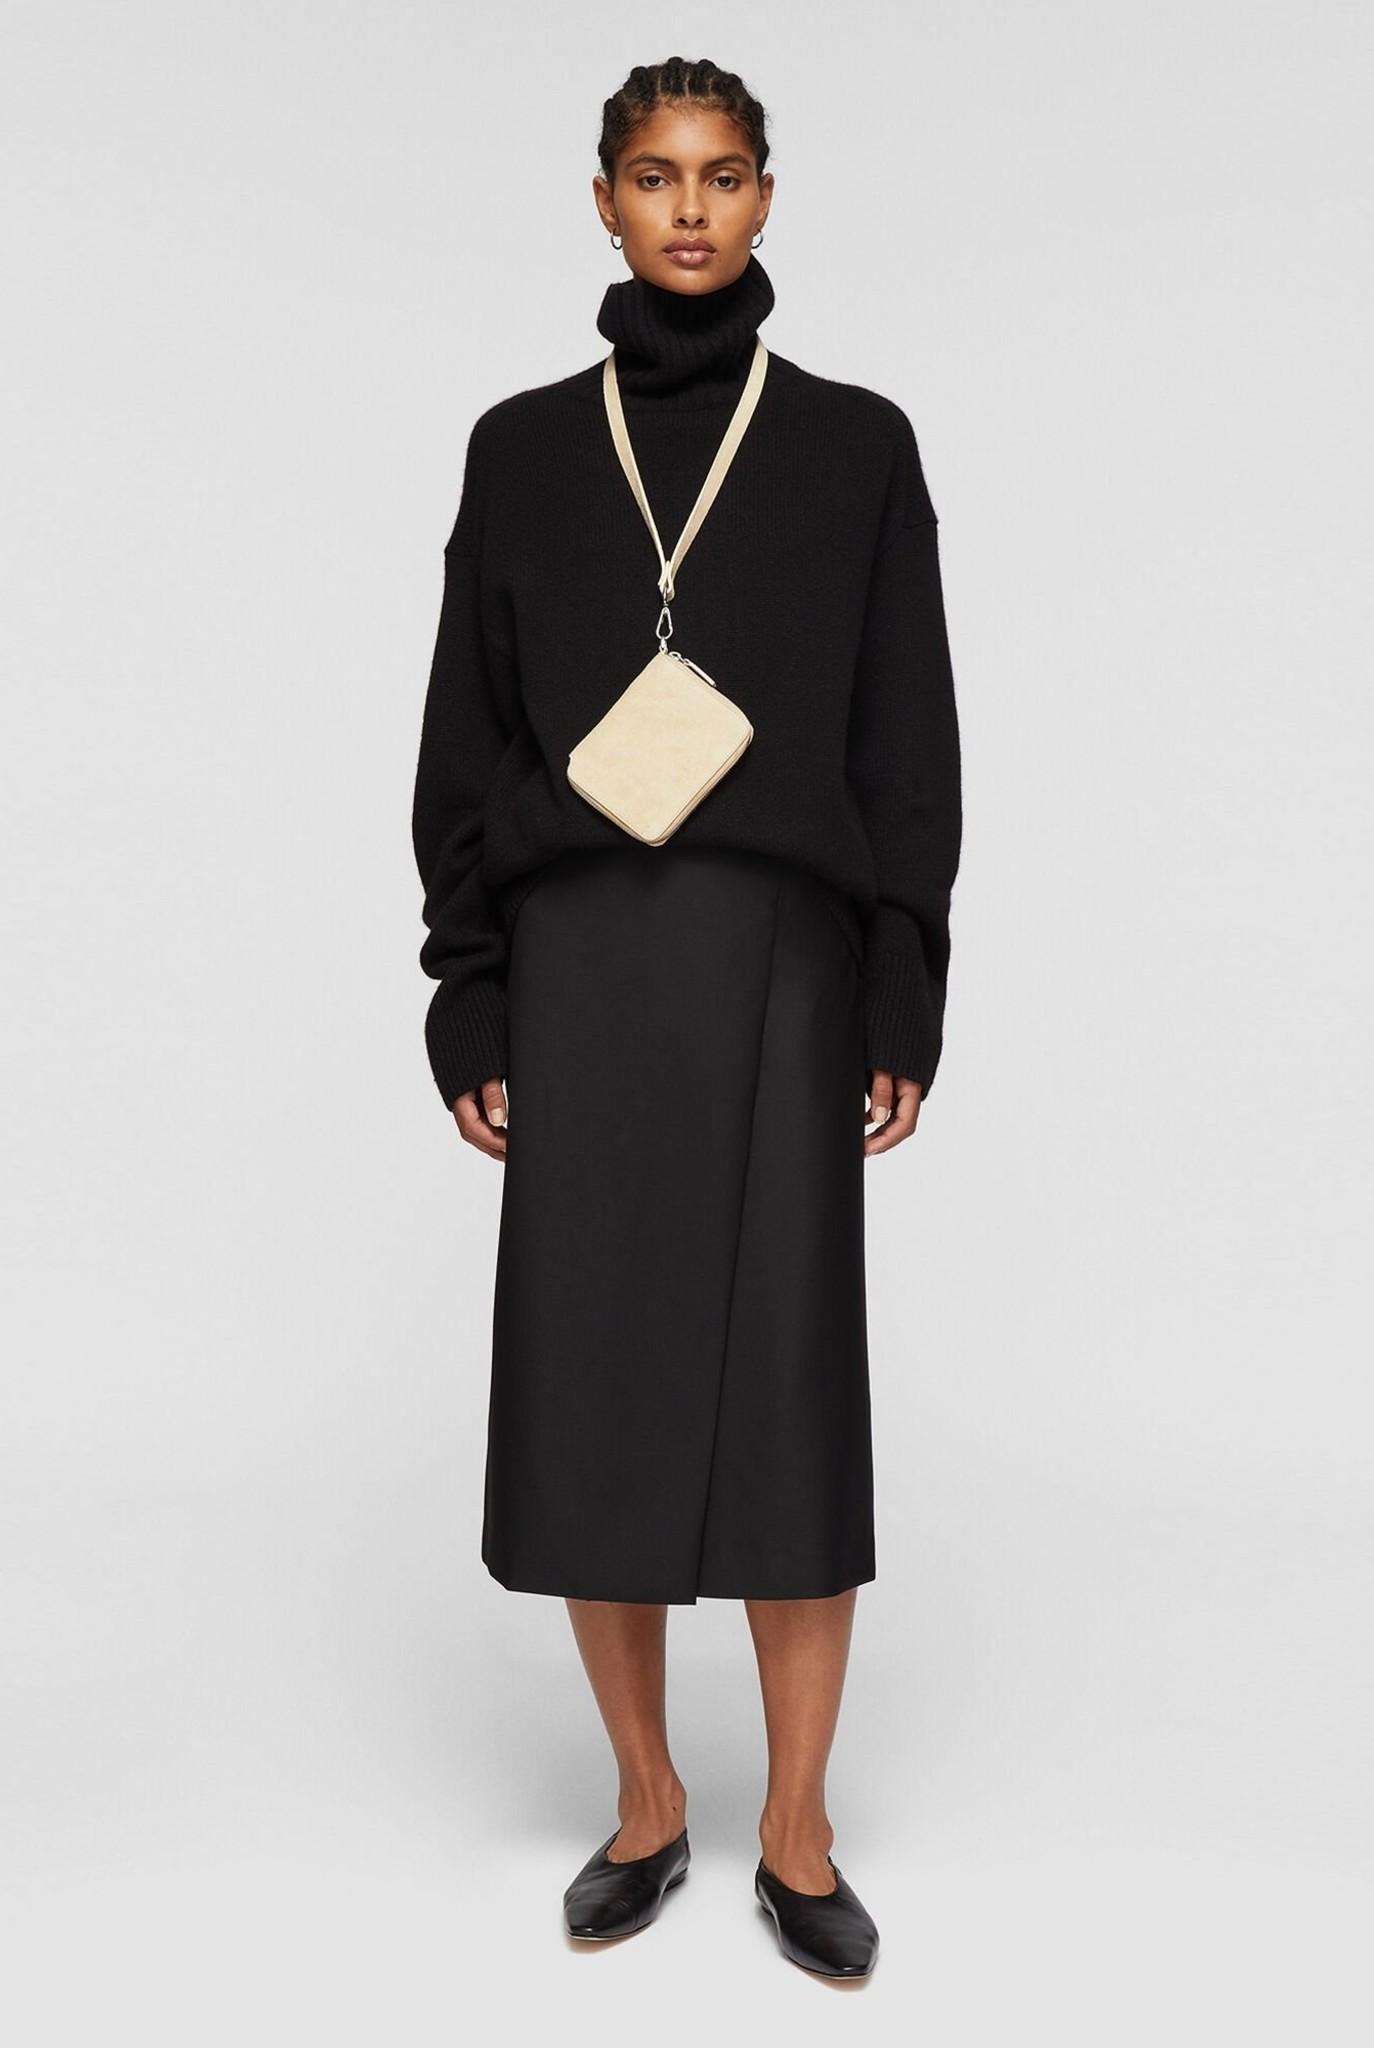 Sebela Skirt Black